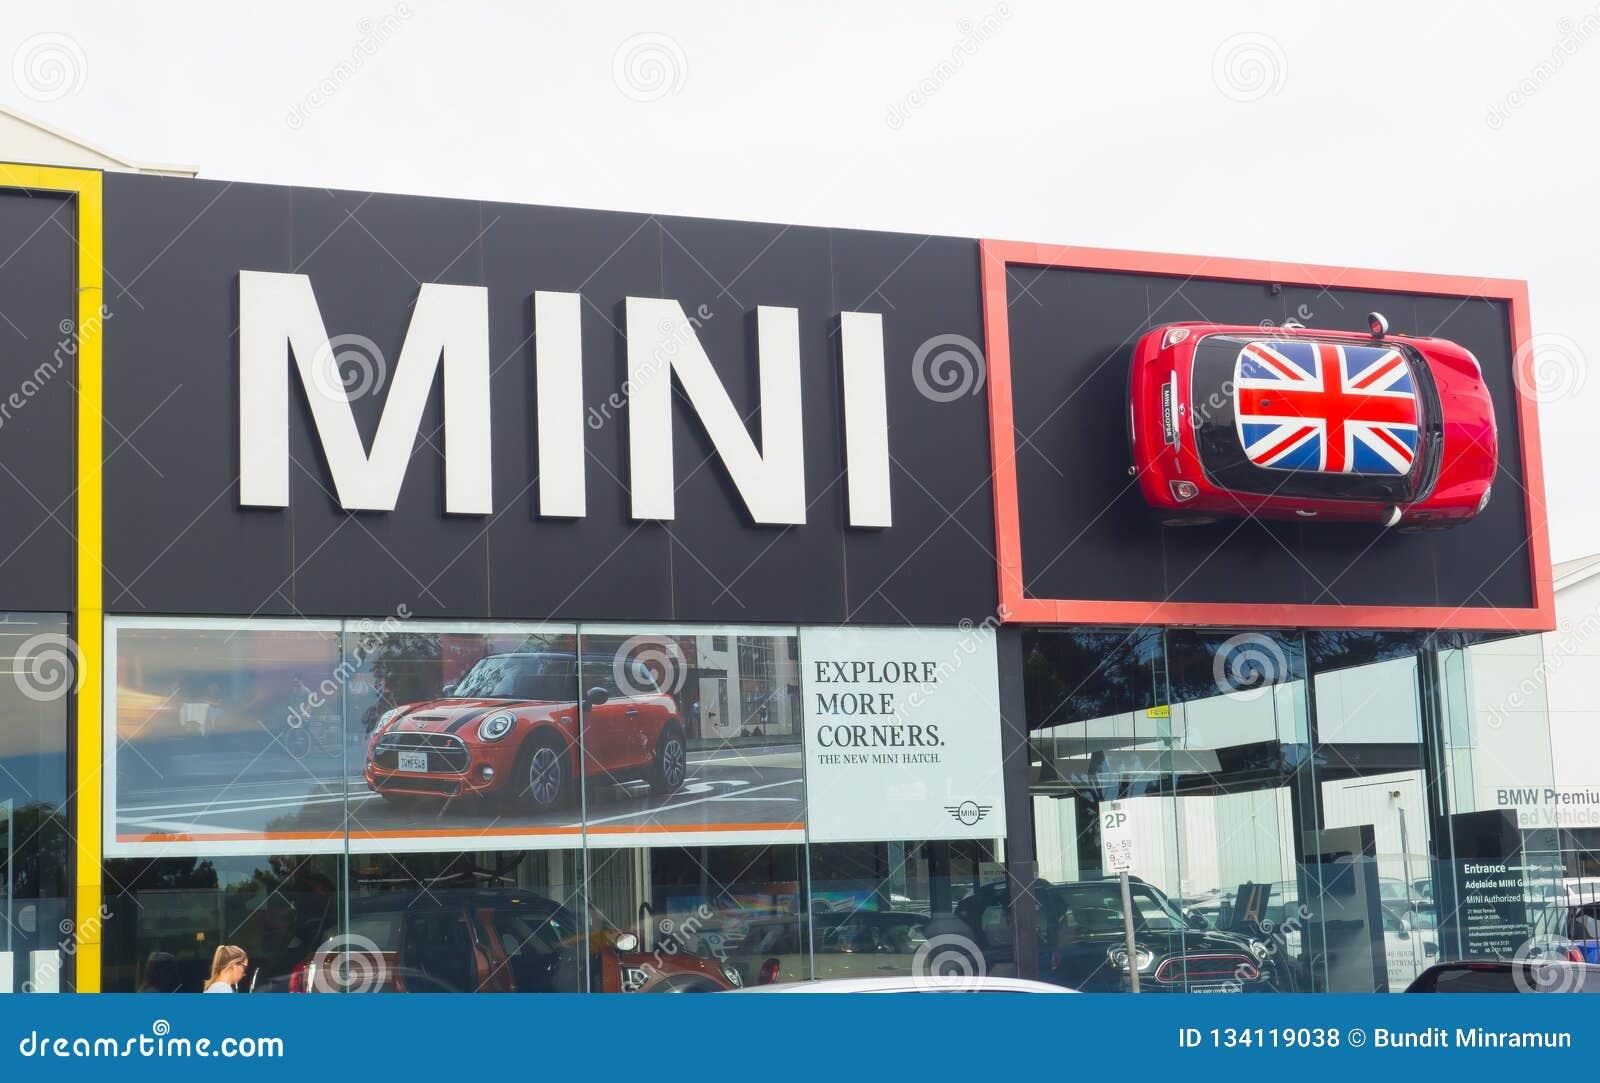 Η οικοδόμηση προσόψεων της αίθουσας εκθέσεως αυτοκινήτων του Mini Cooper, είναι ένα μικρό αυτοκίνητο οικονομίας που παράγεται από